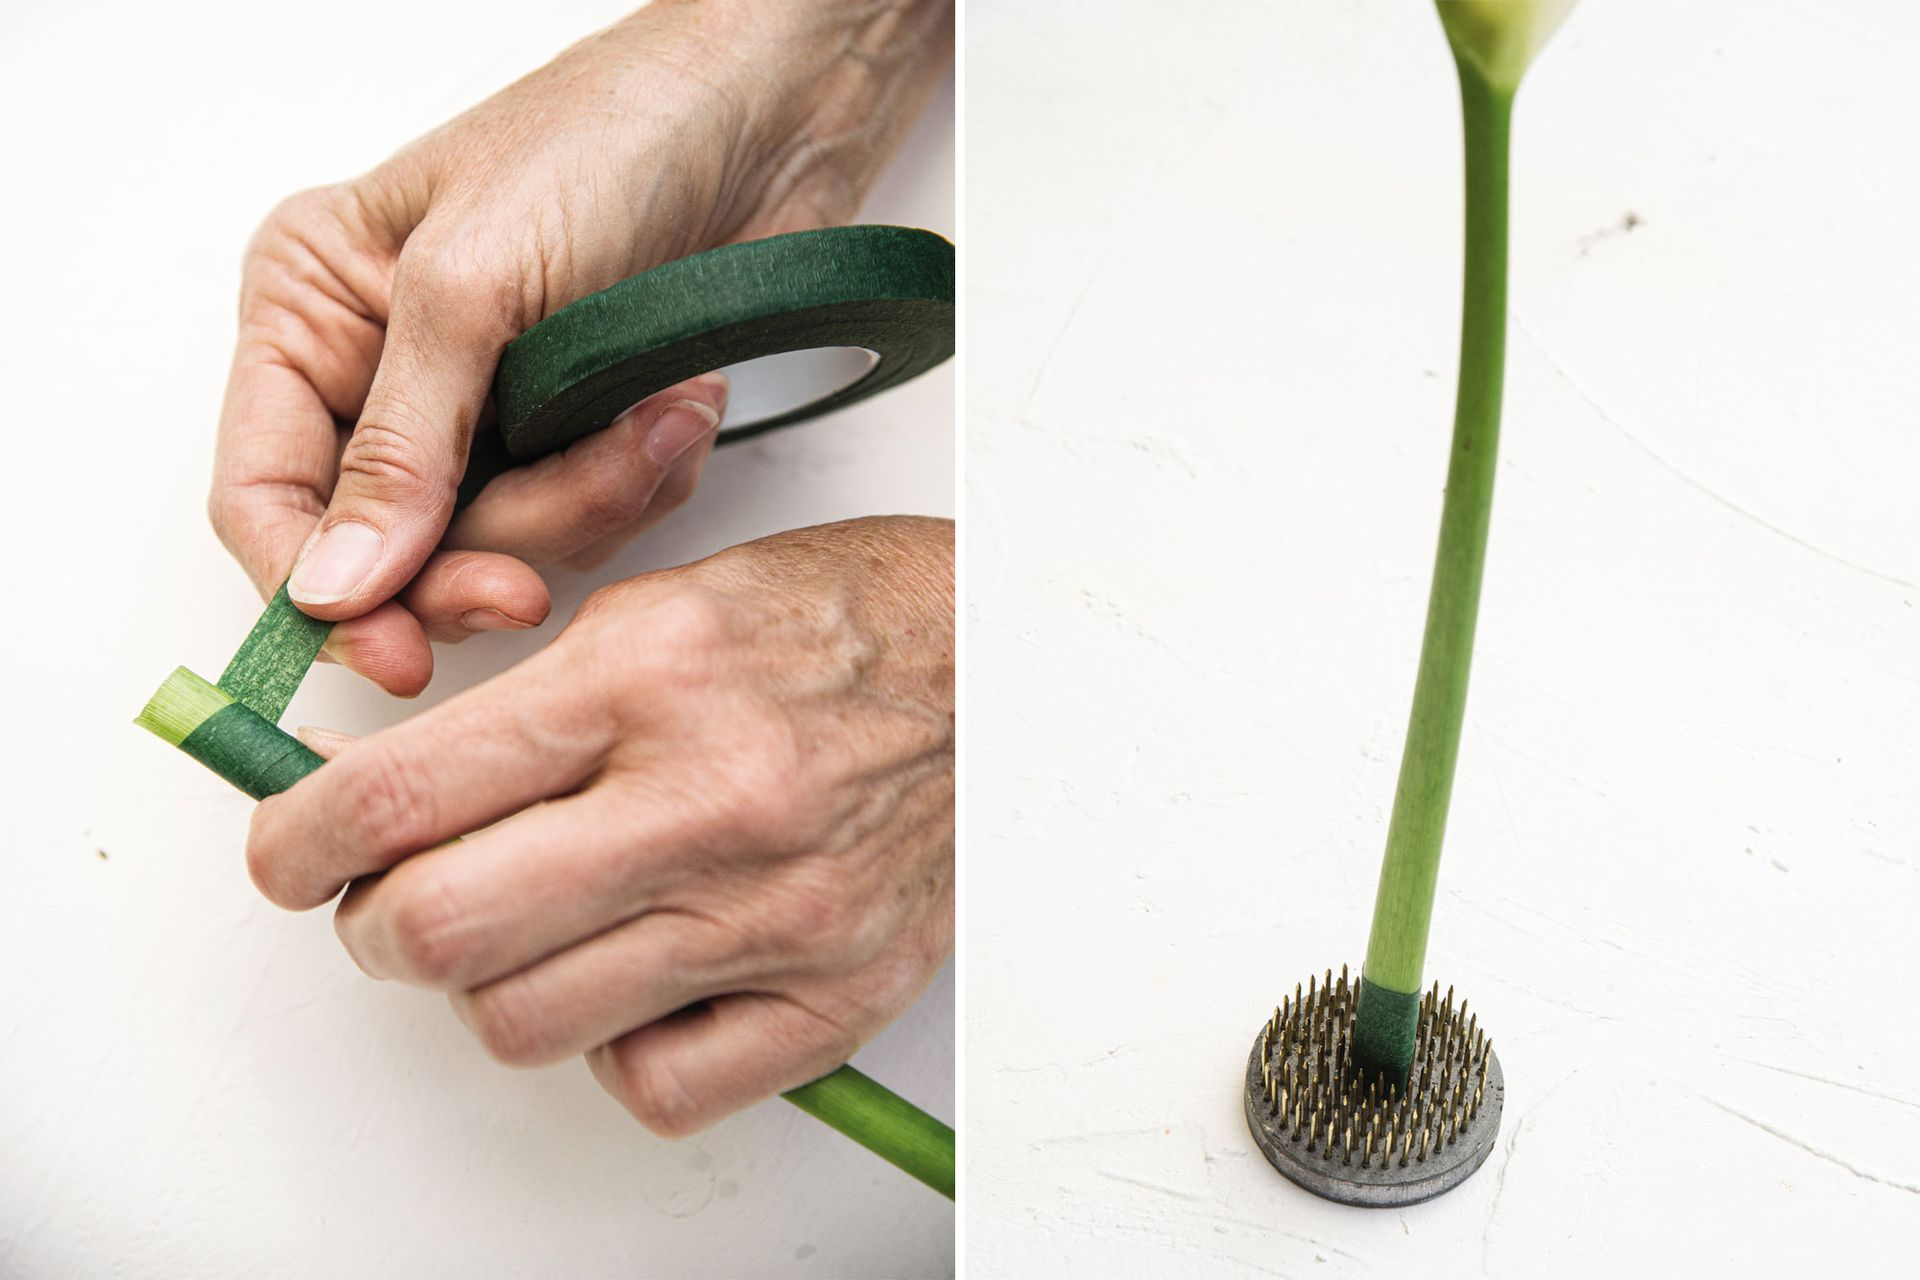 A los tallos muy tiernos, como los de las como los de amarilis, calas (Zantedeschia aethiopica), etc., hay que realizarles un corte recto y proteger el extremo del tallo con cinta de entaipar para que no se abran.